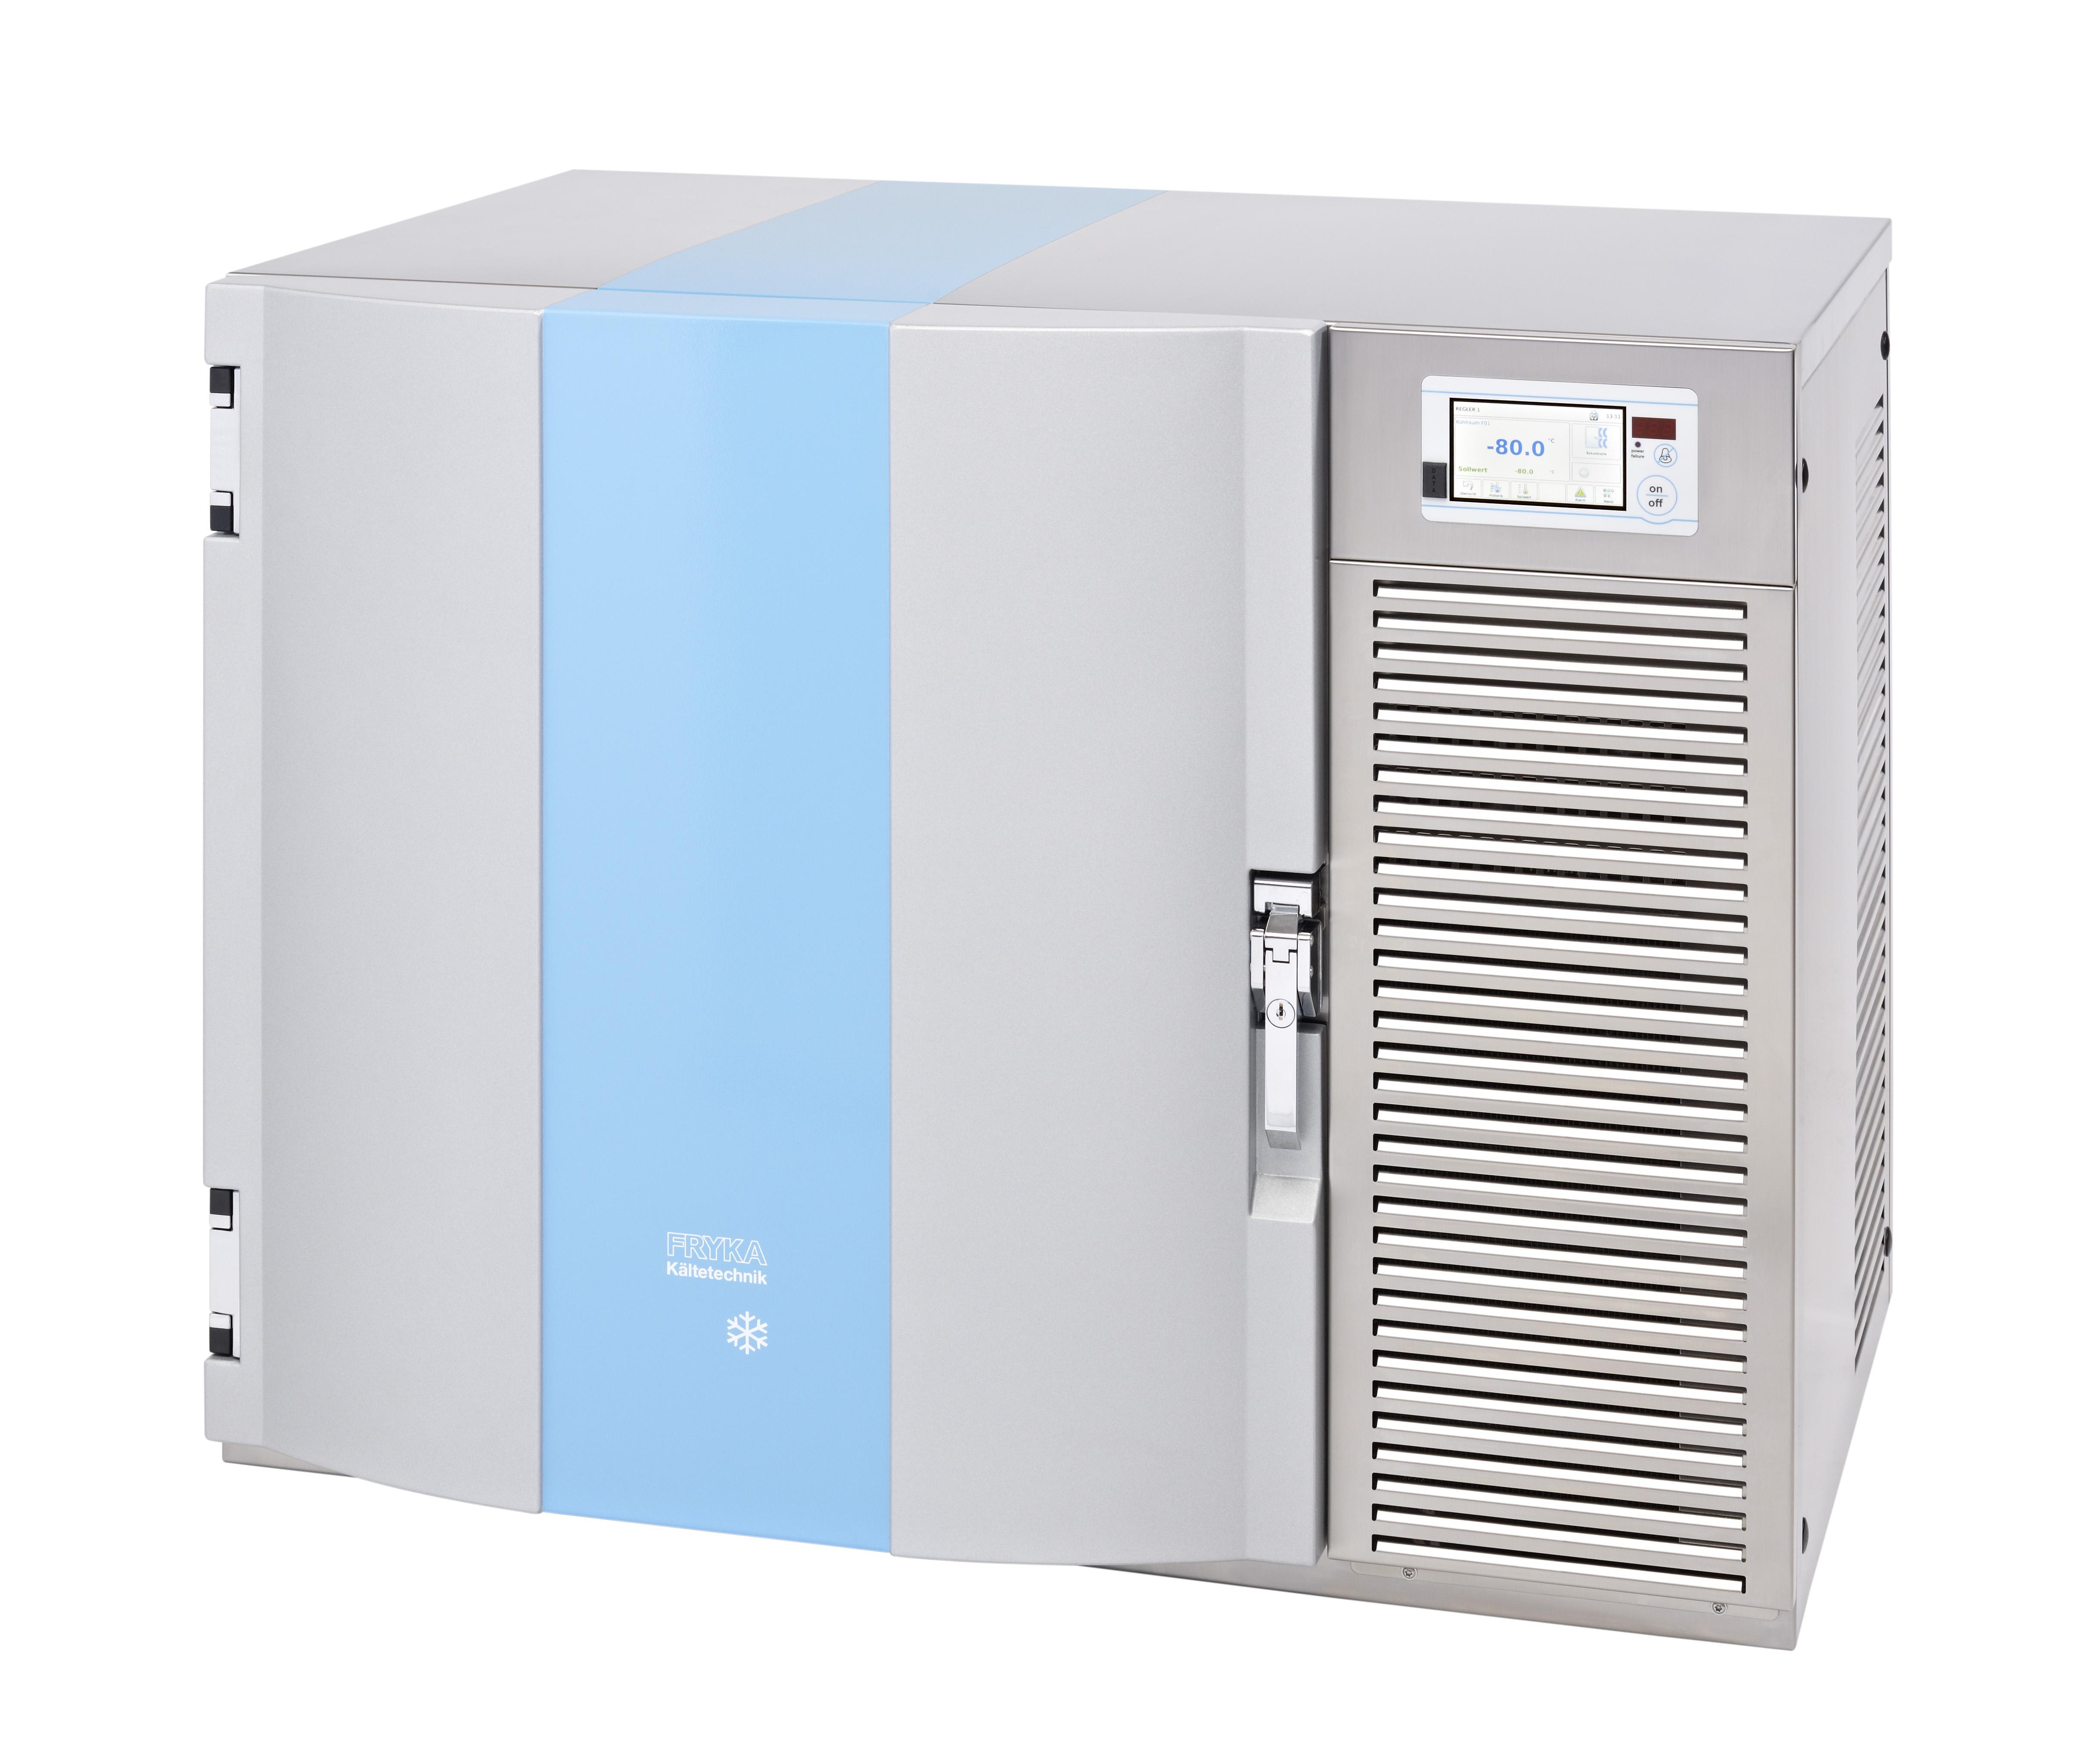 FRYKA Tiefkühlunterbauschrank TUS 50-100 logg (-10° bis -50° C)